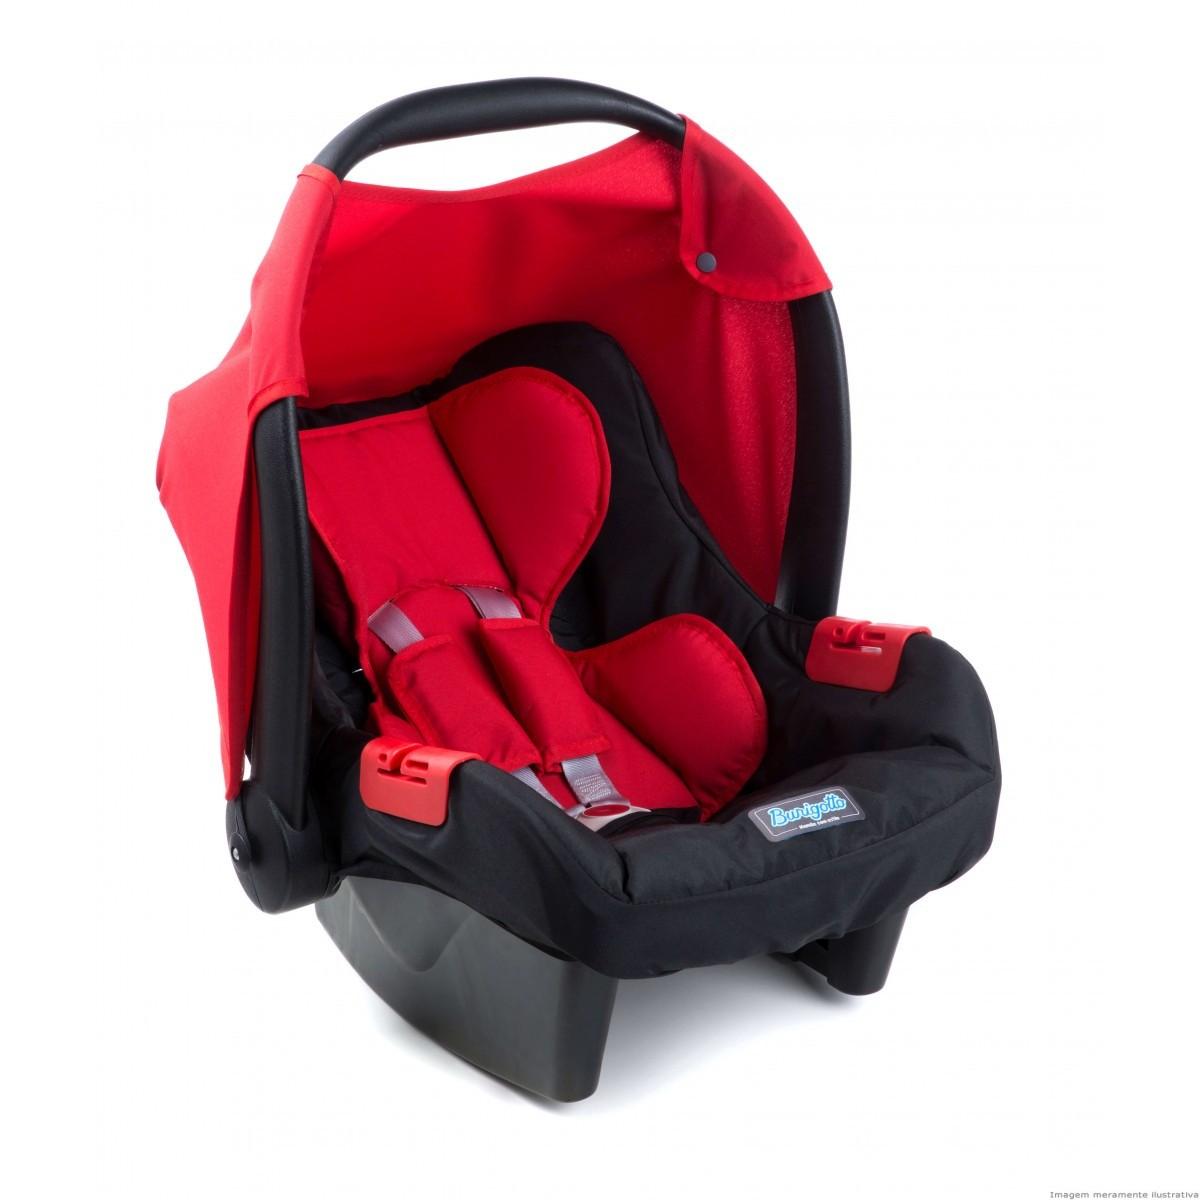 Carrinho Ecco Red (Vermelho) com Bebê Conforto Touring Evolution Se II - Burigotto